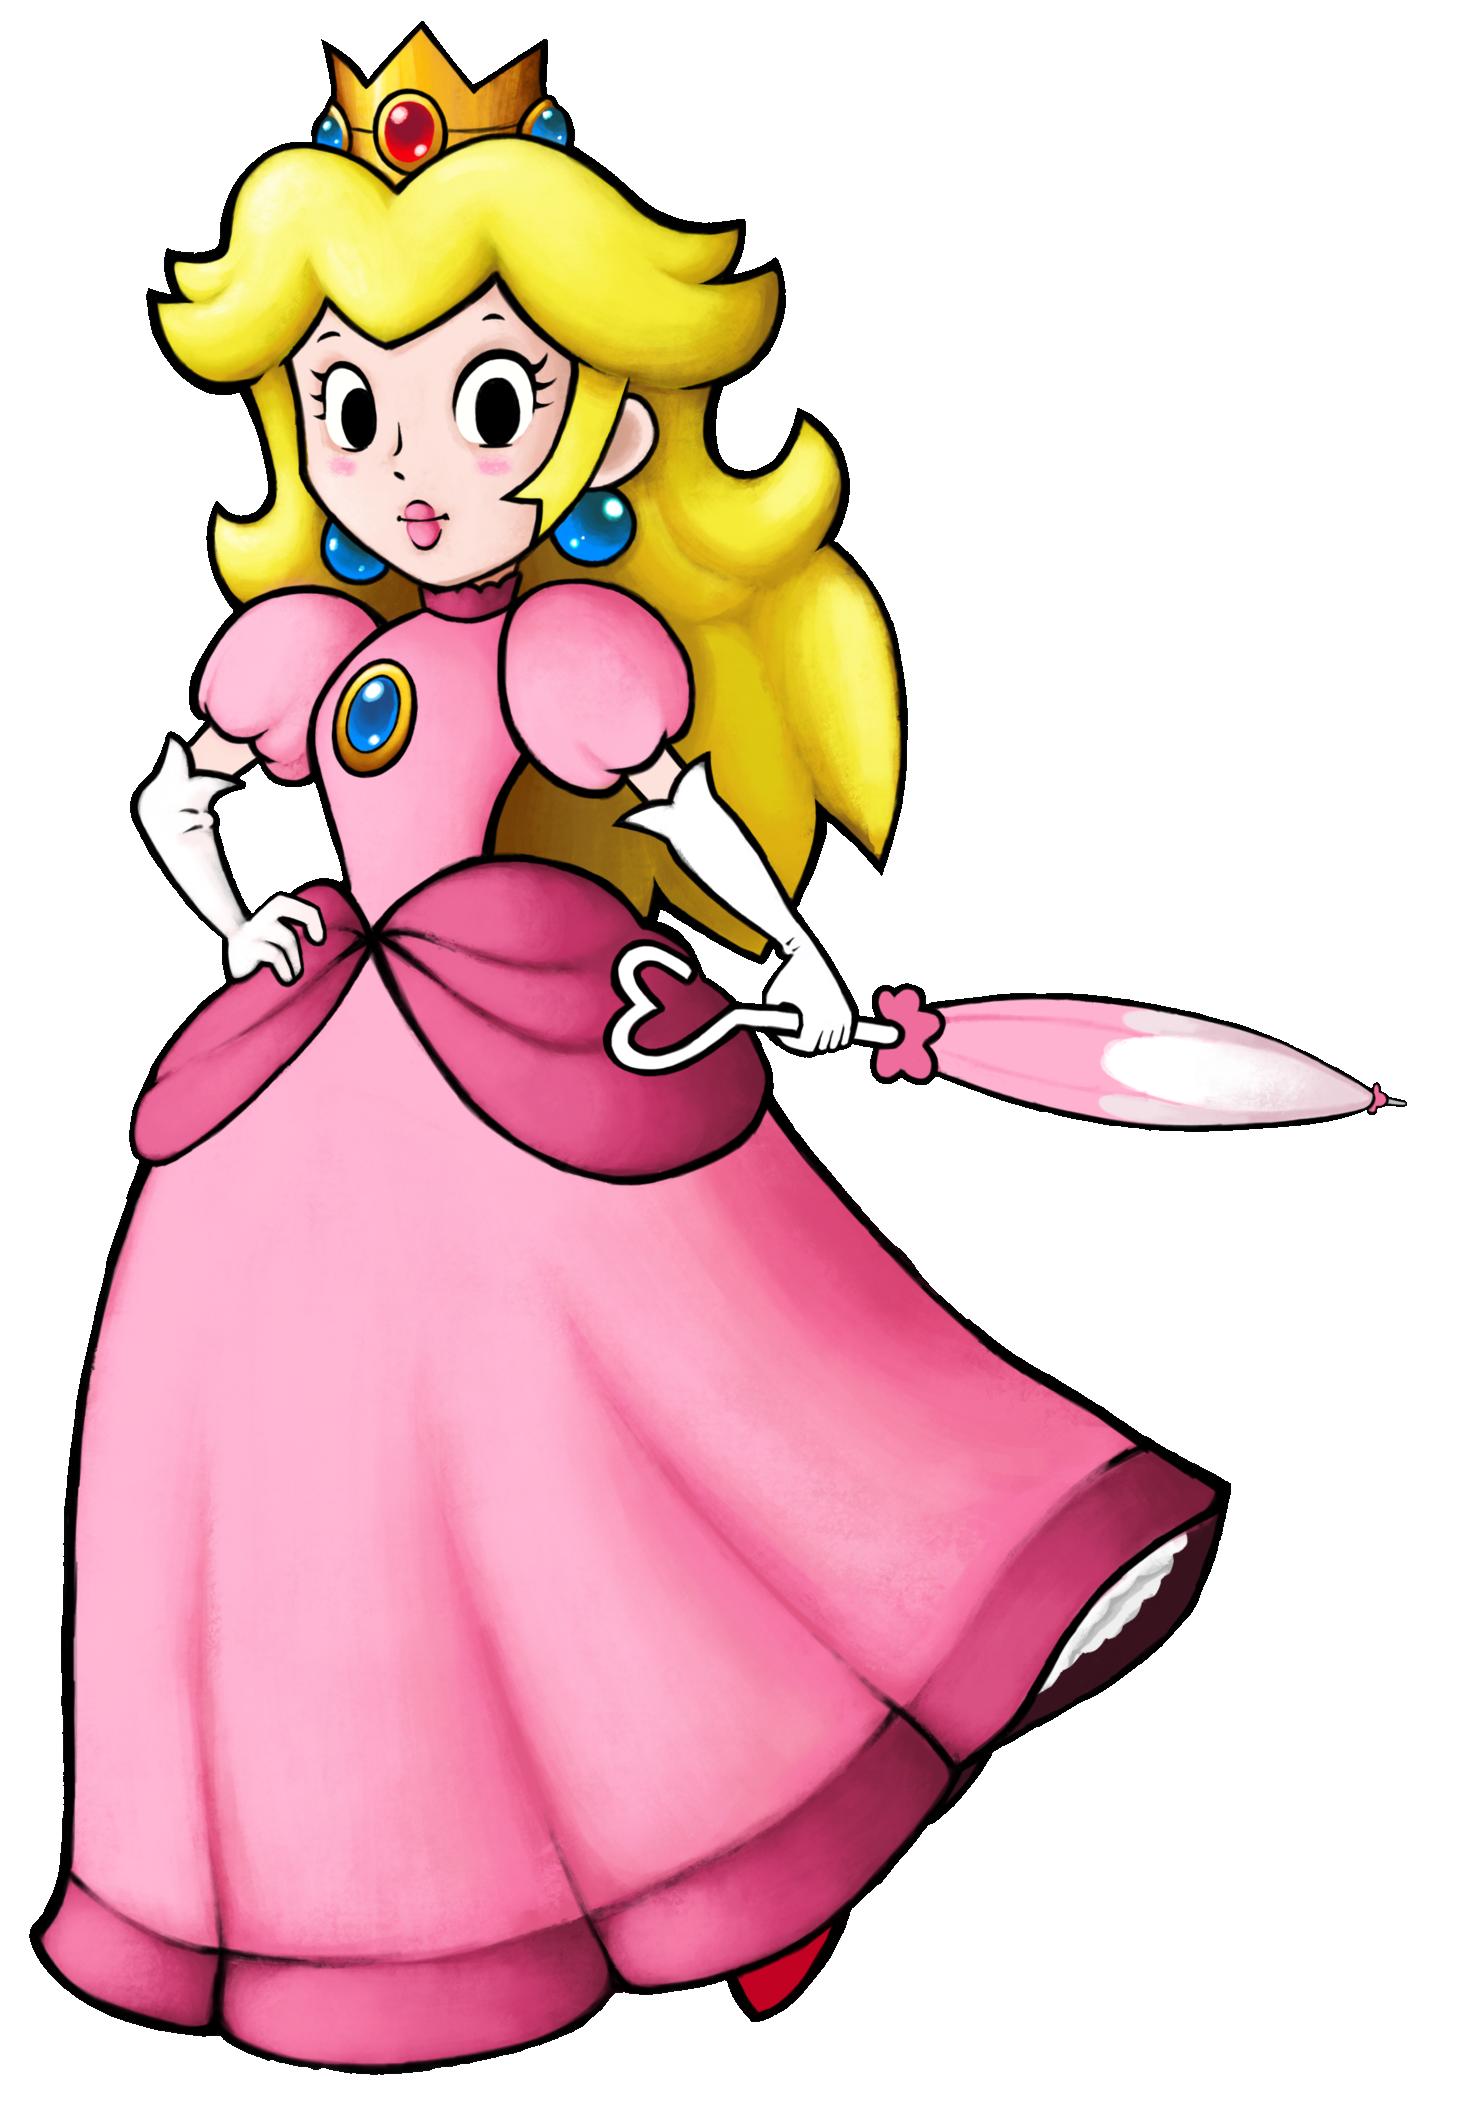 Transparent Princess Peach